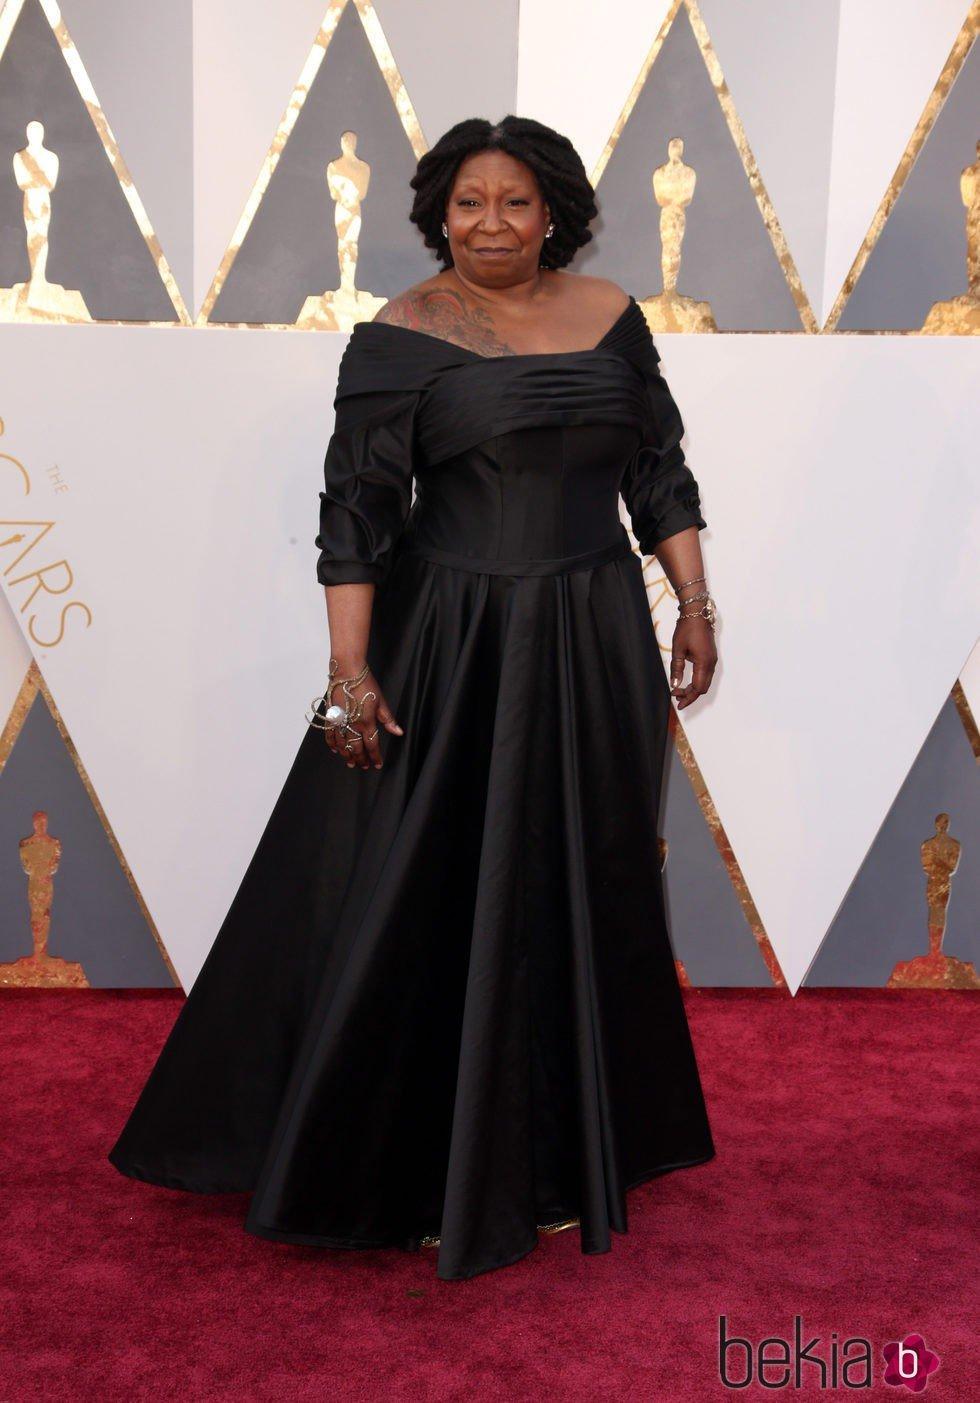 Whoopi Goldberg en la alfombra roja de los Premios Oscar 2016